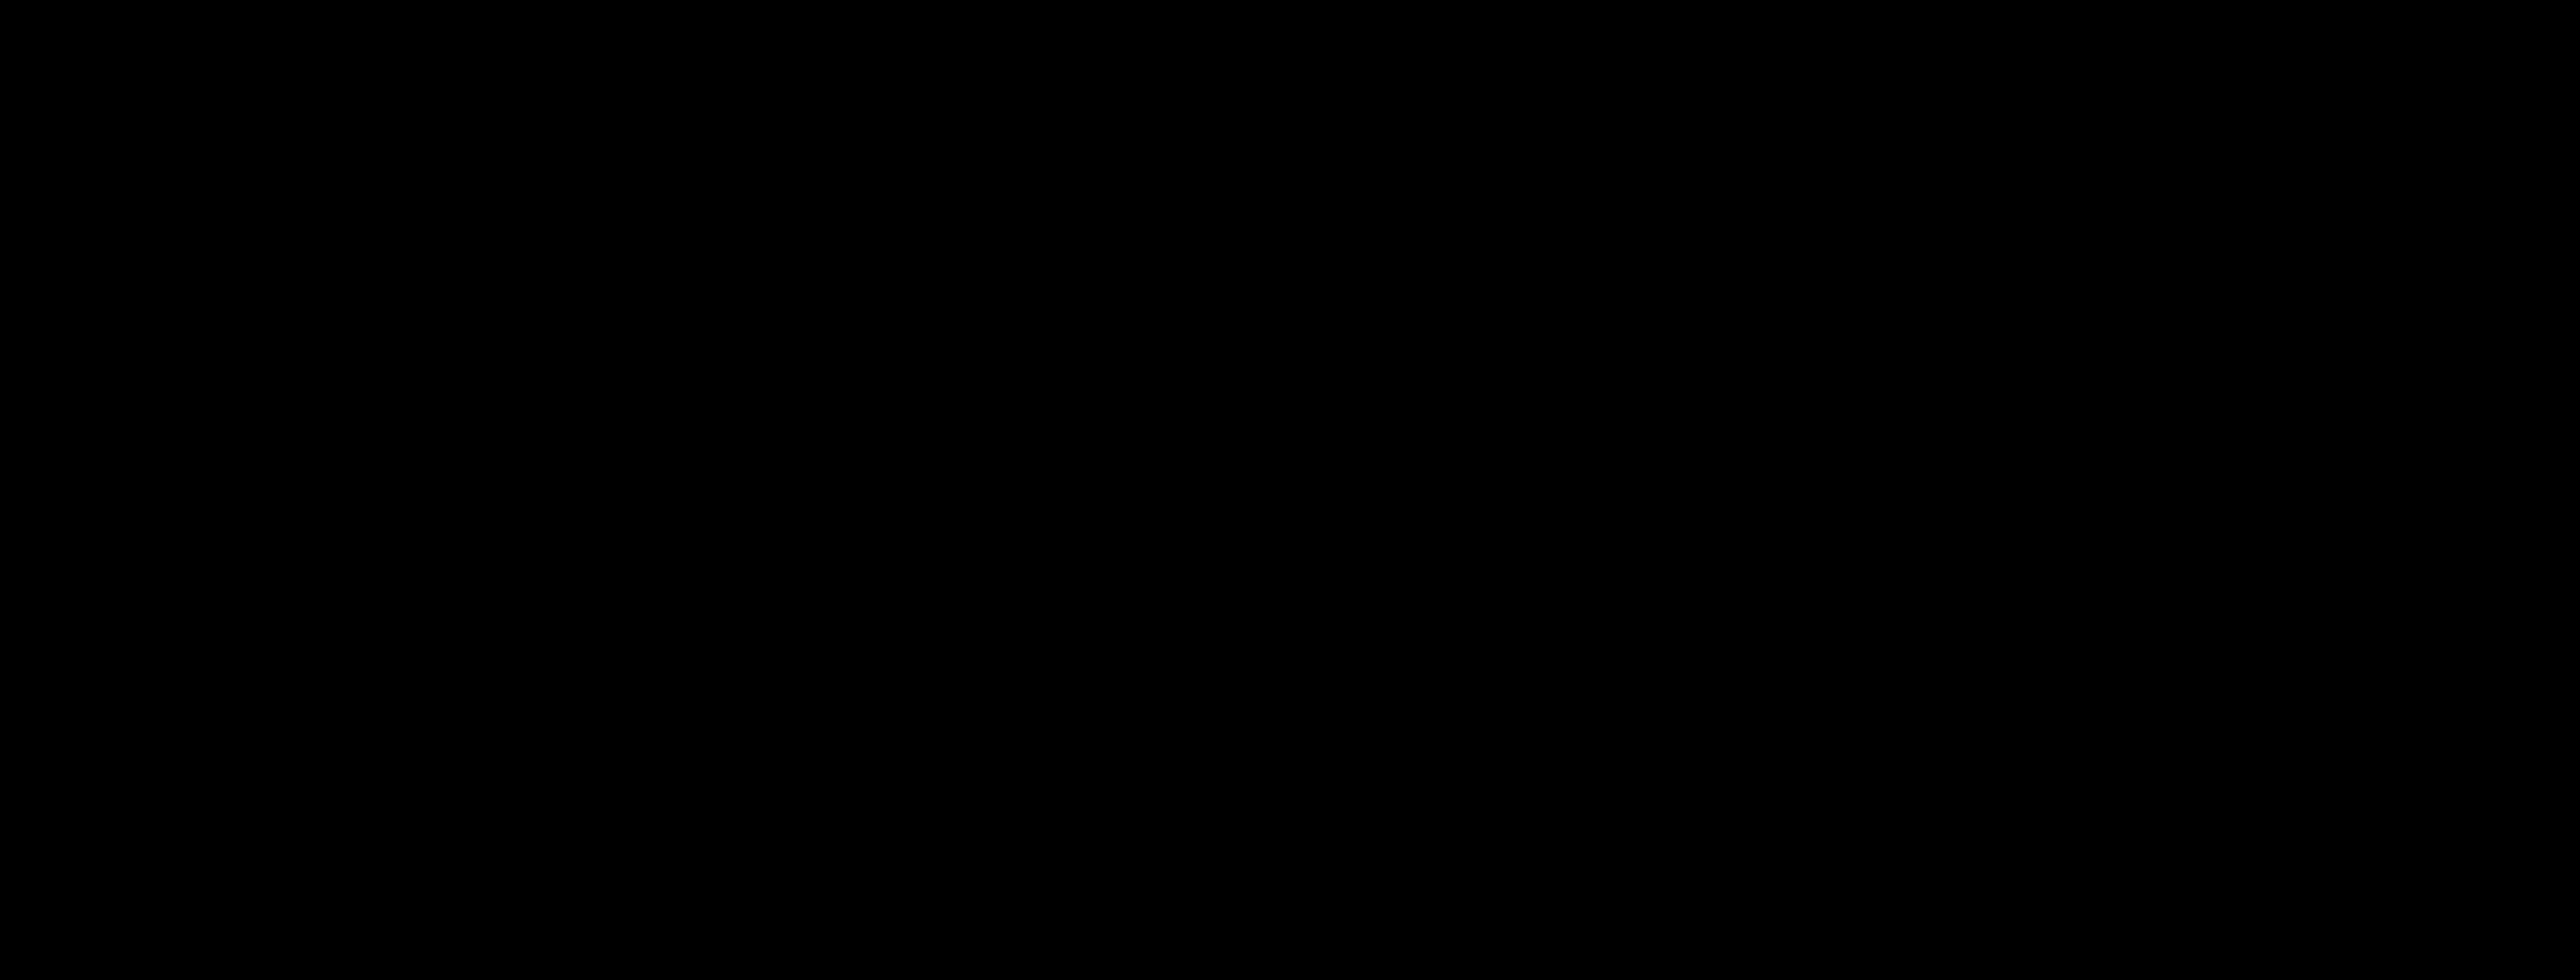 Convoi de Noël : offrez à des orphelins un Noël inoubliable